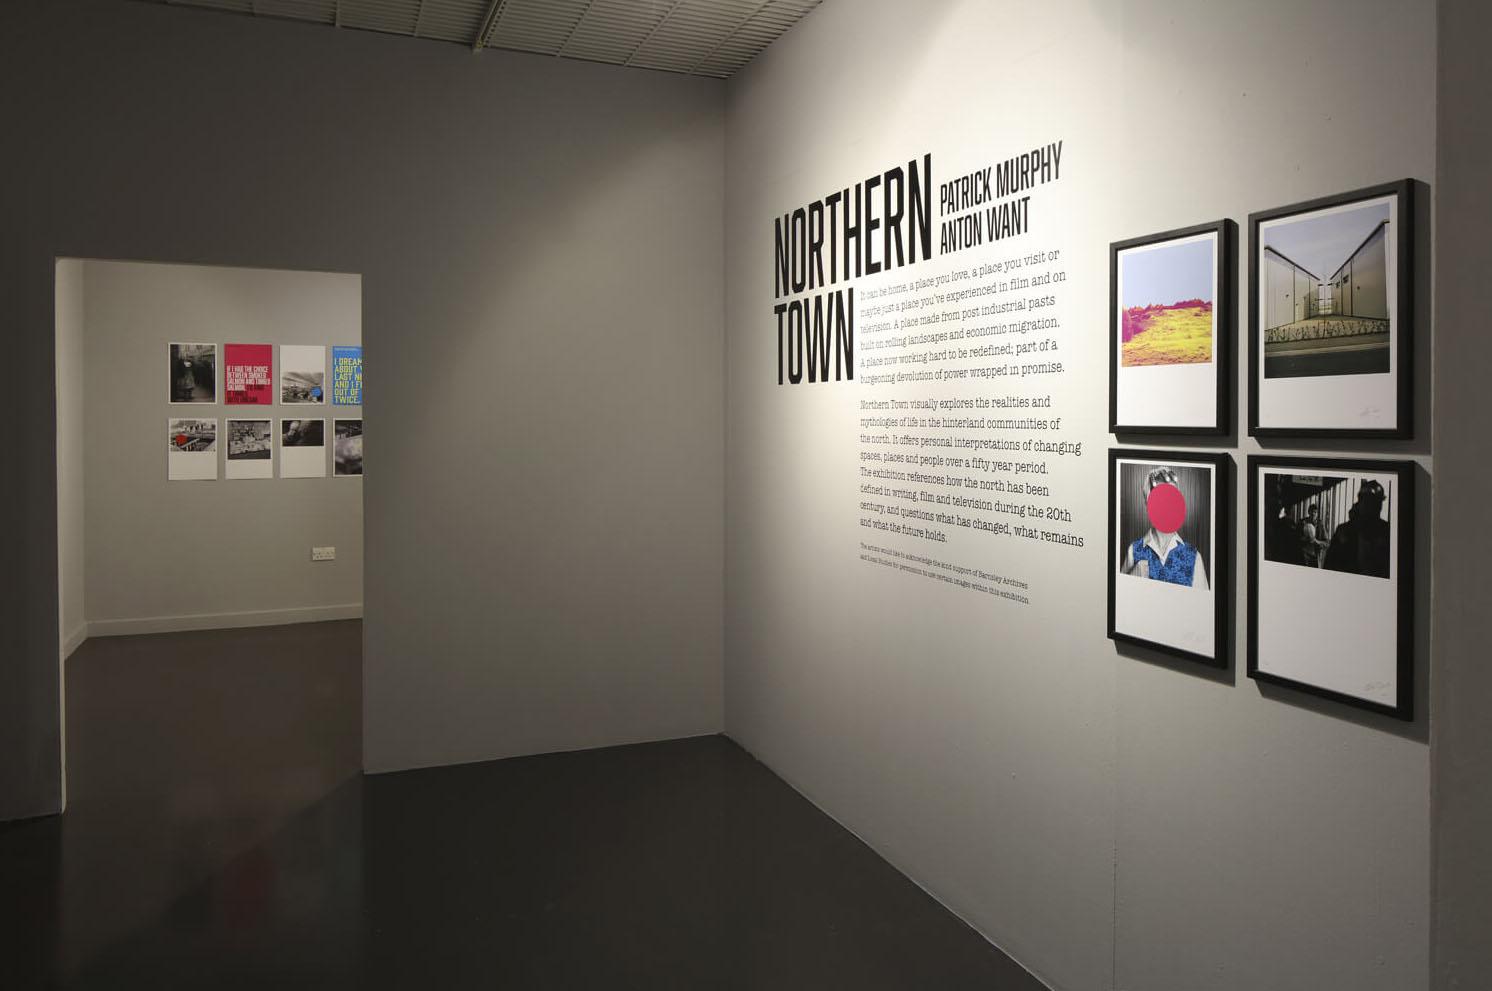 Northern_Town_Exhibition_002_crop